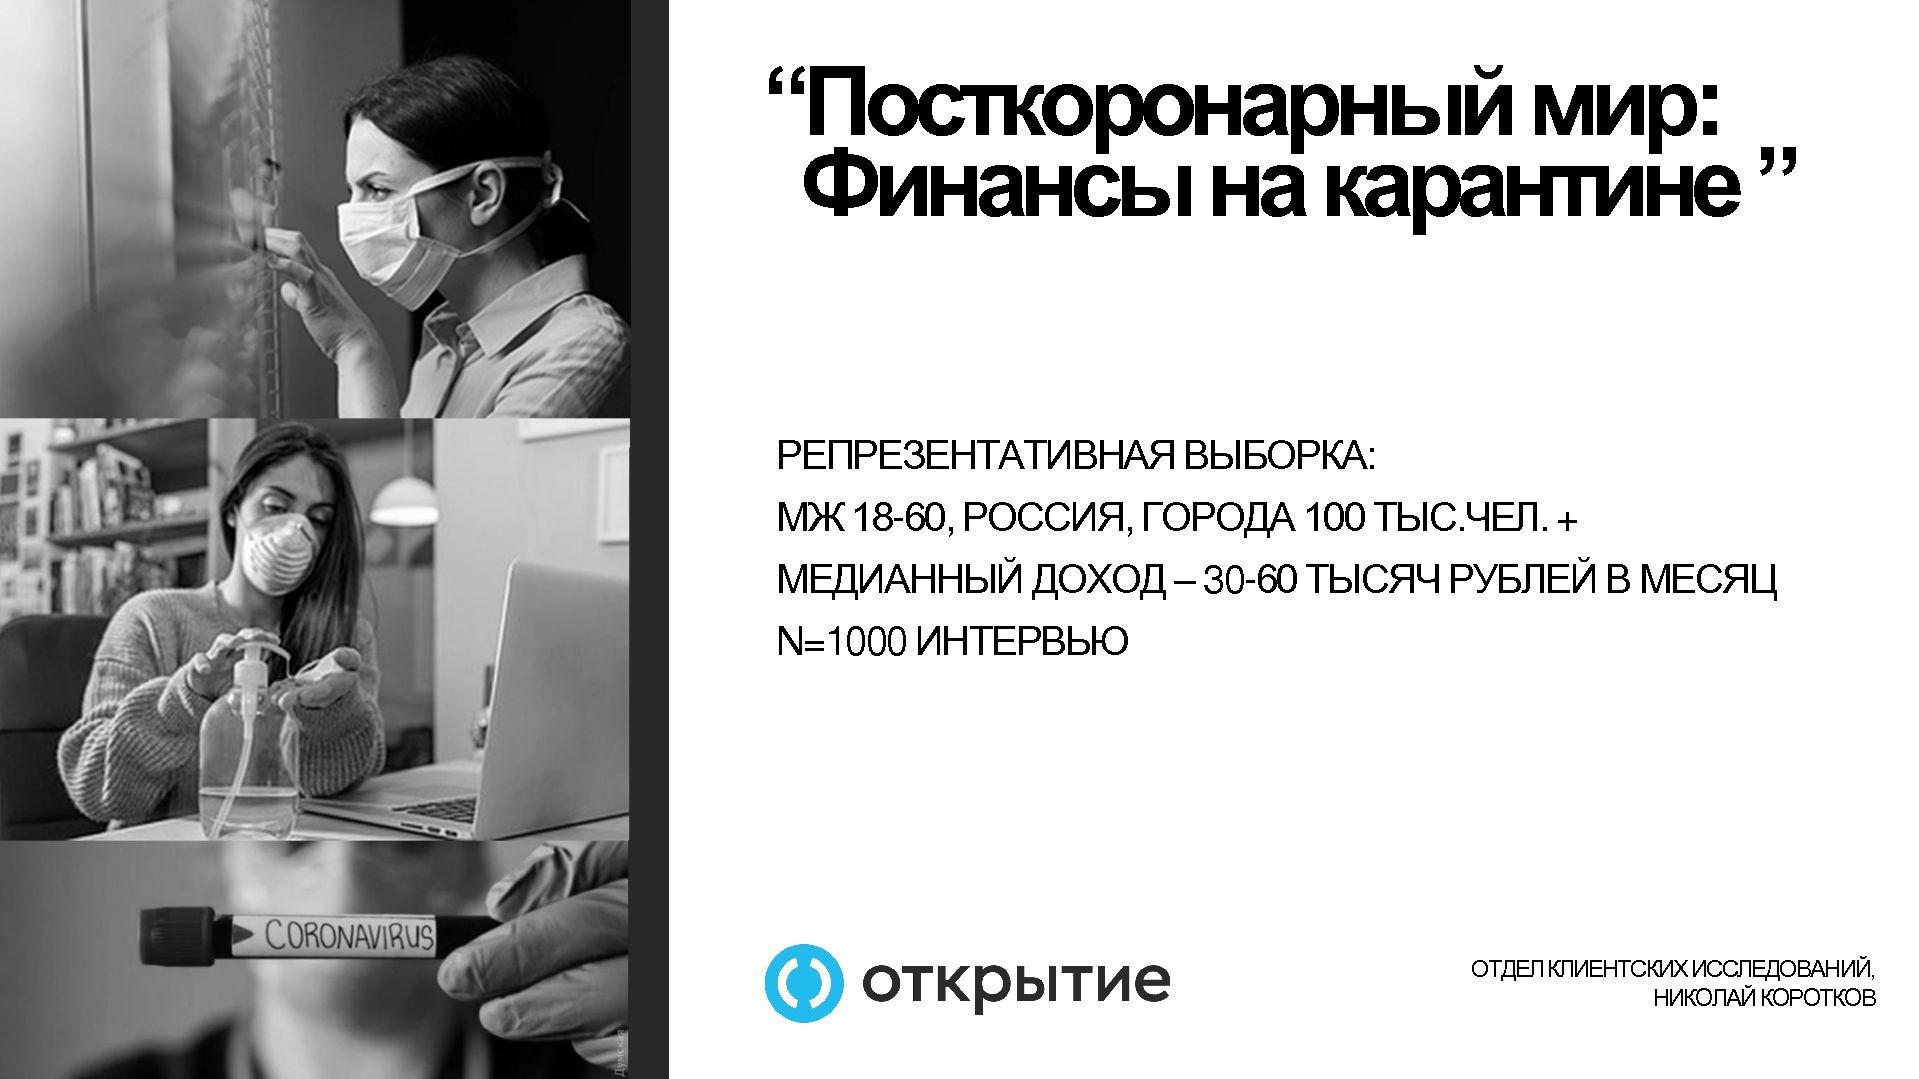 Банк «Открытие»: больше половины россиян заявили об уменьшении дохода из-за коронавируса